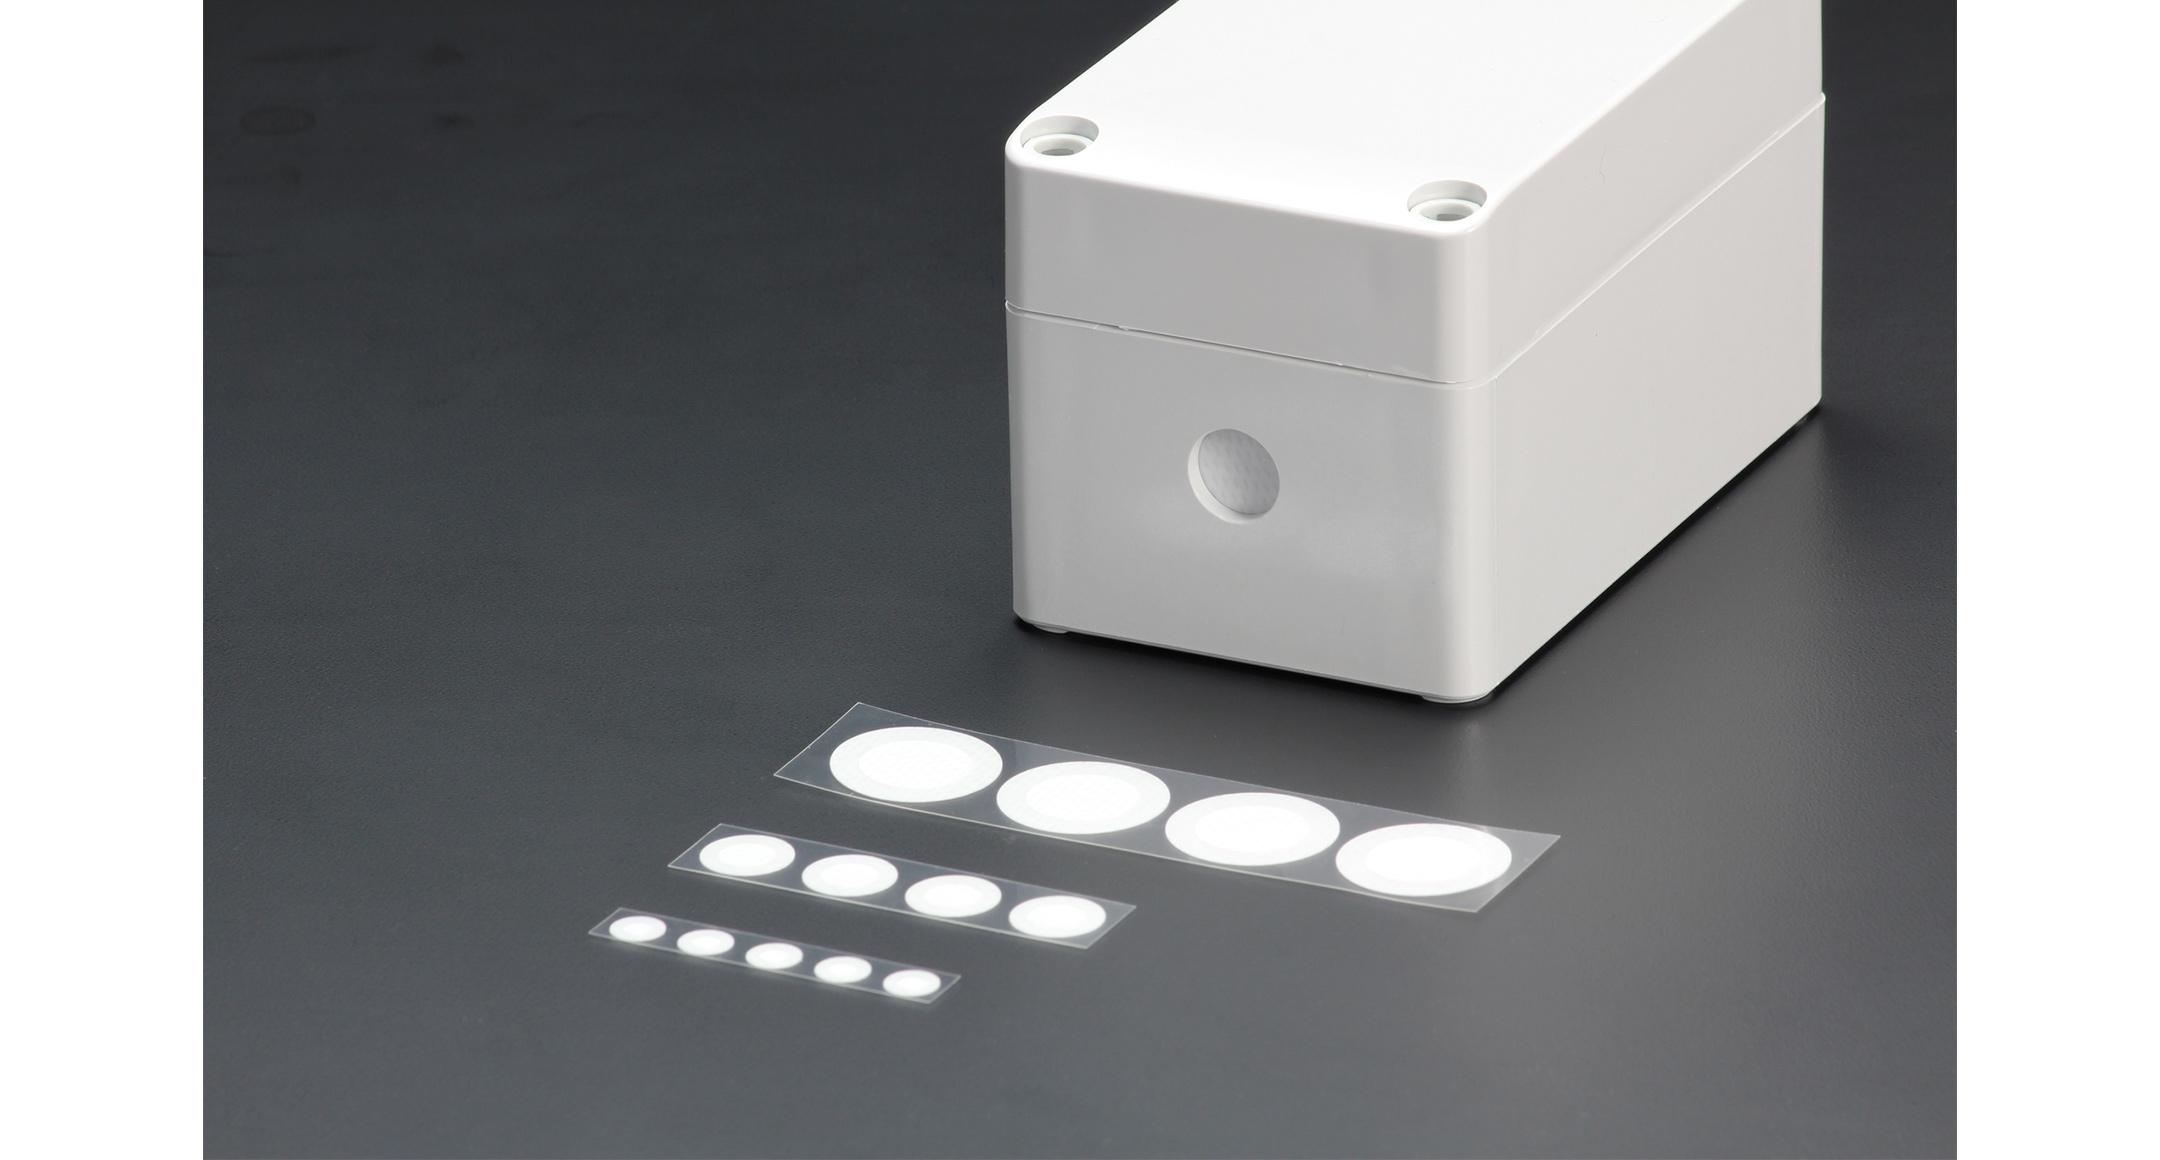 ベントフィルターパッチタイプ VSCシリーズの画像